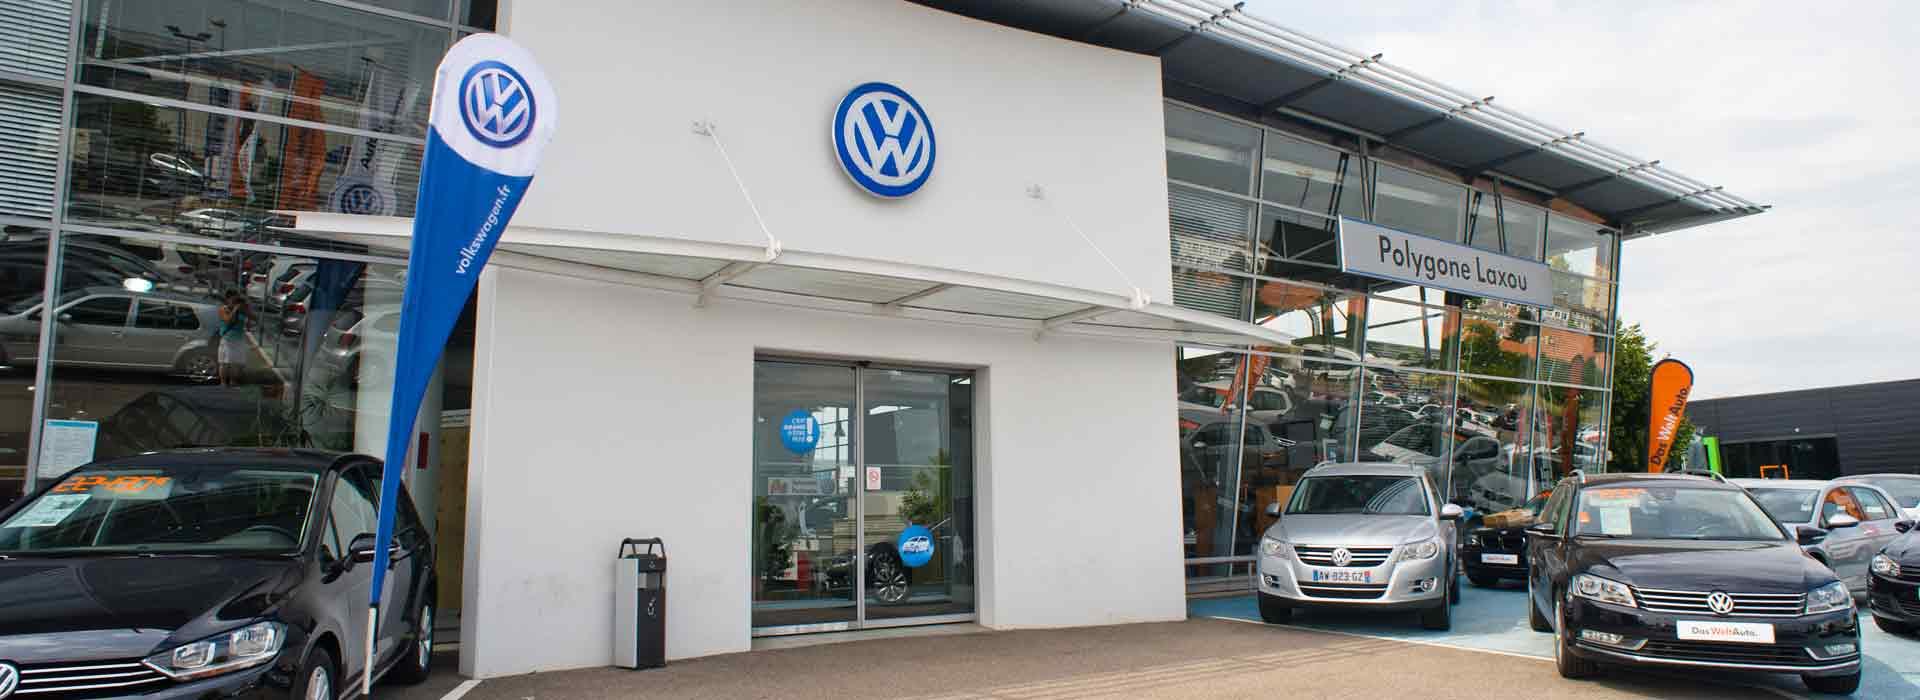 Volkswagen Laxou - Nancy